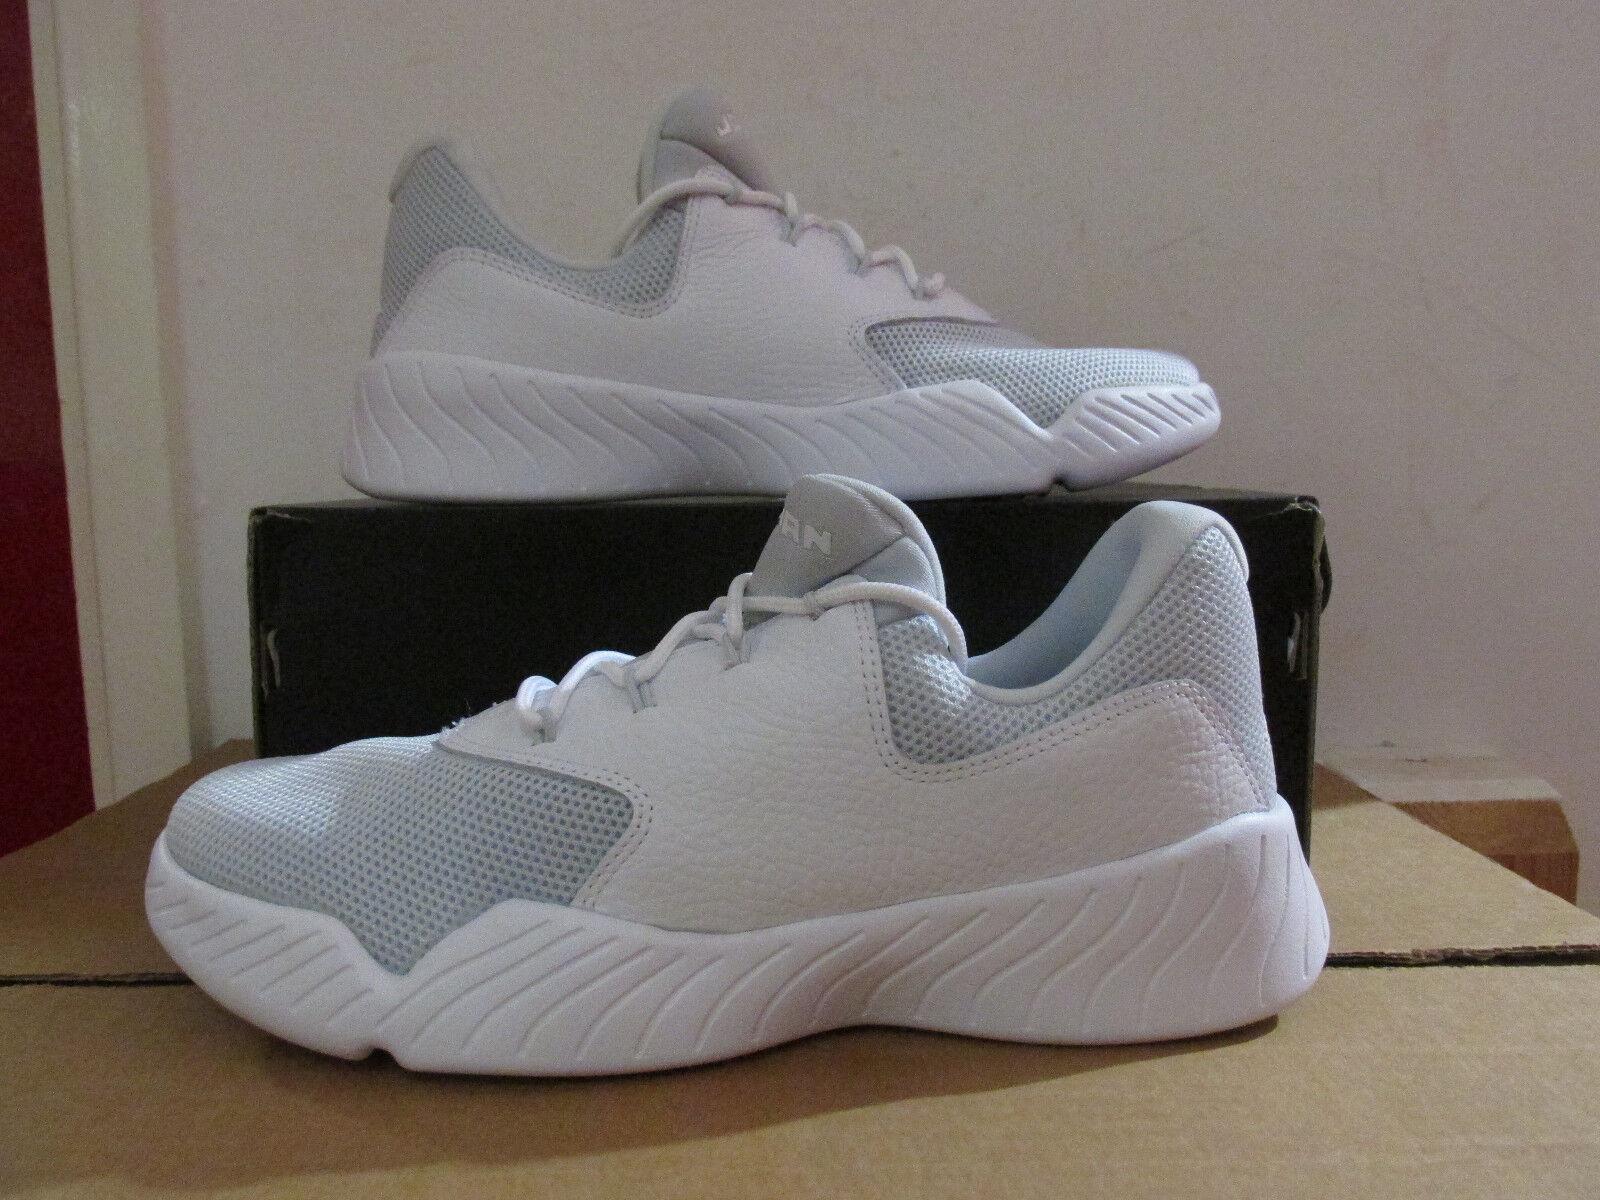 Nike air jordan j23 basso Uomo basket formatori 905288 100 clearance